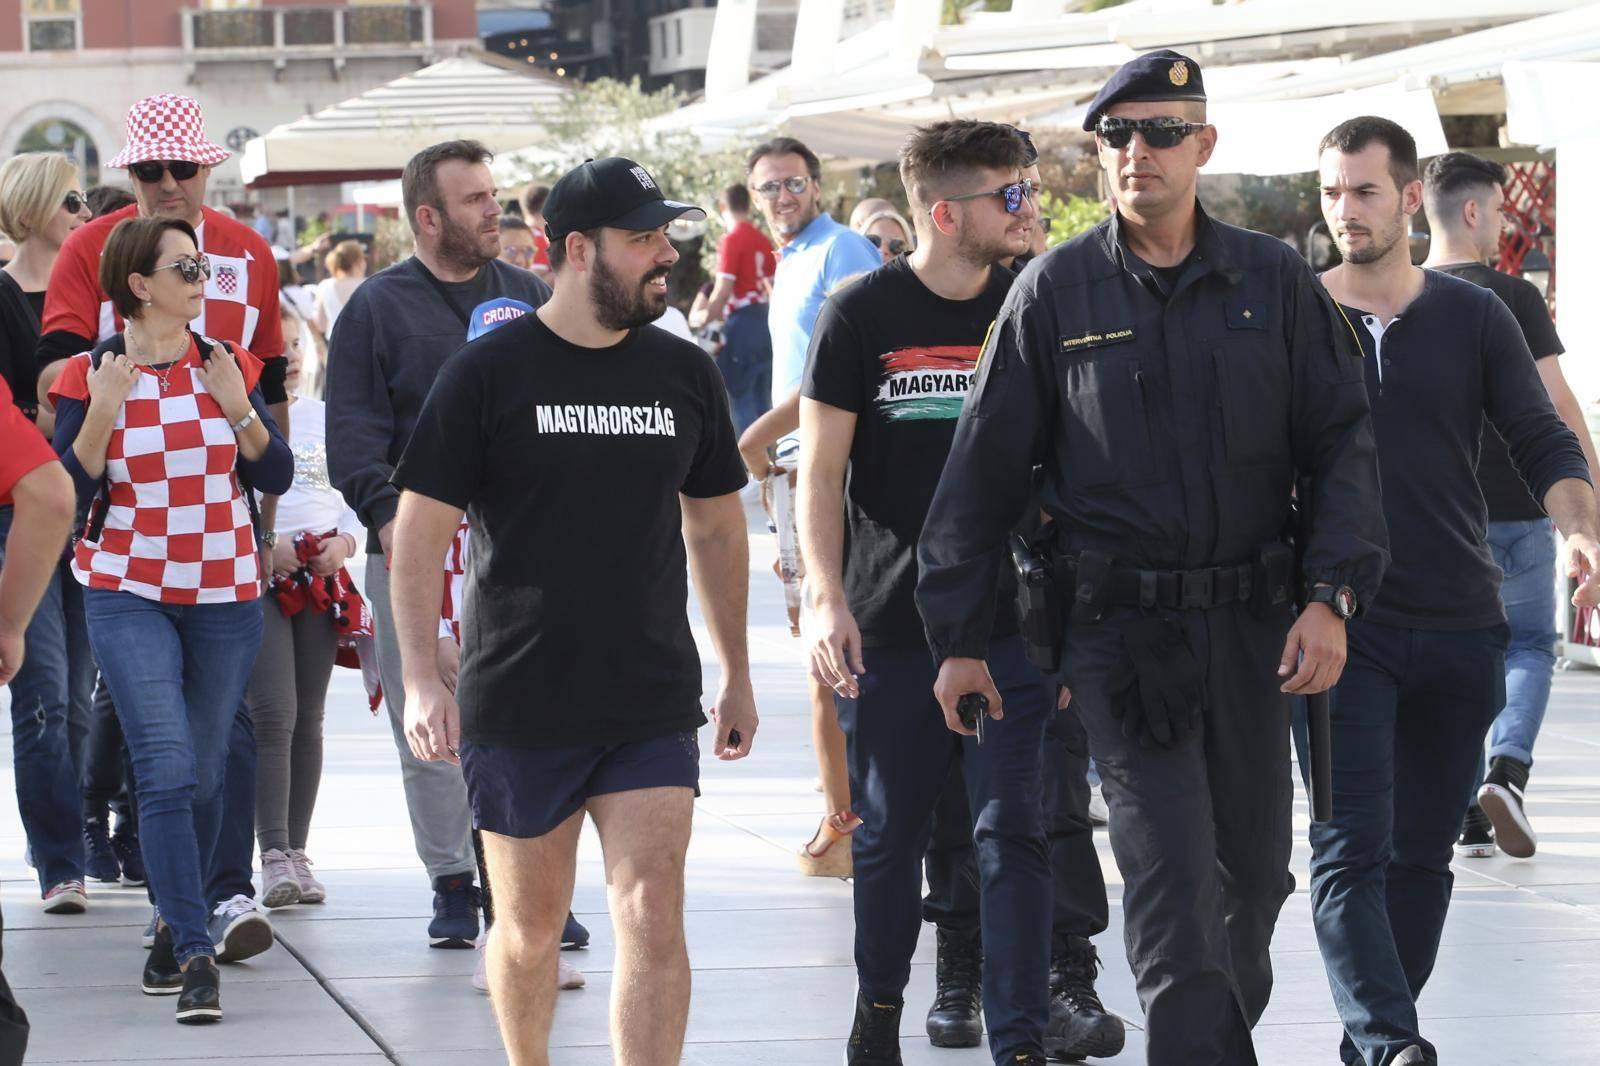 Poljud je krcat! Mađari su ušli bez incidenta, policija ih pratila